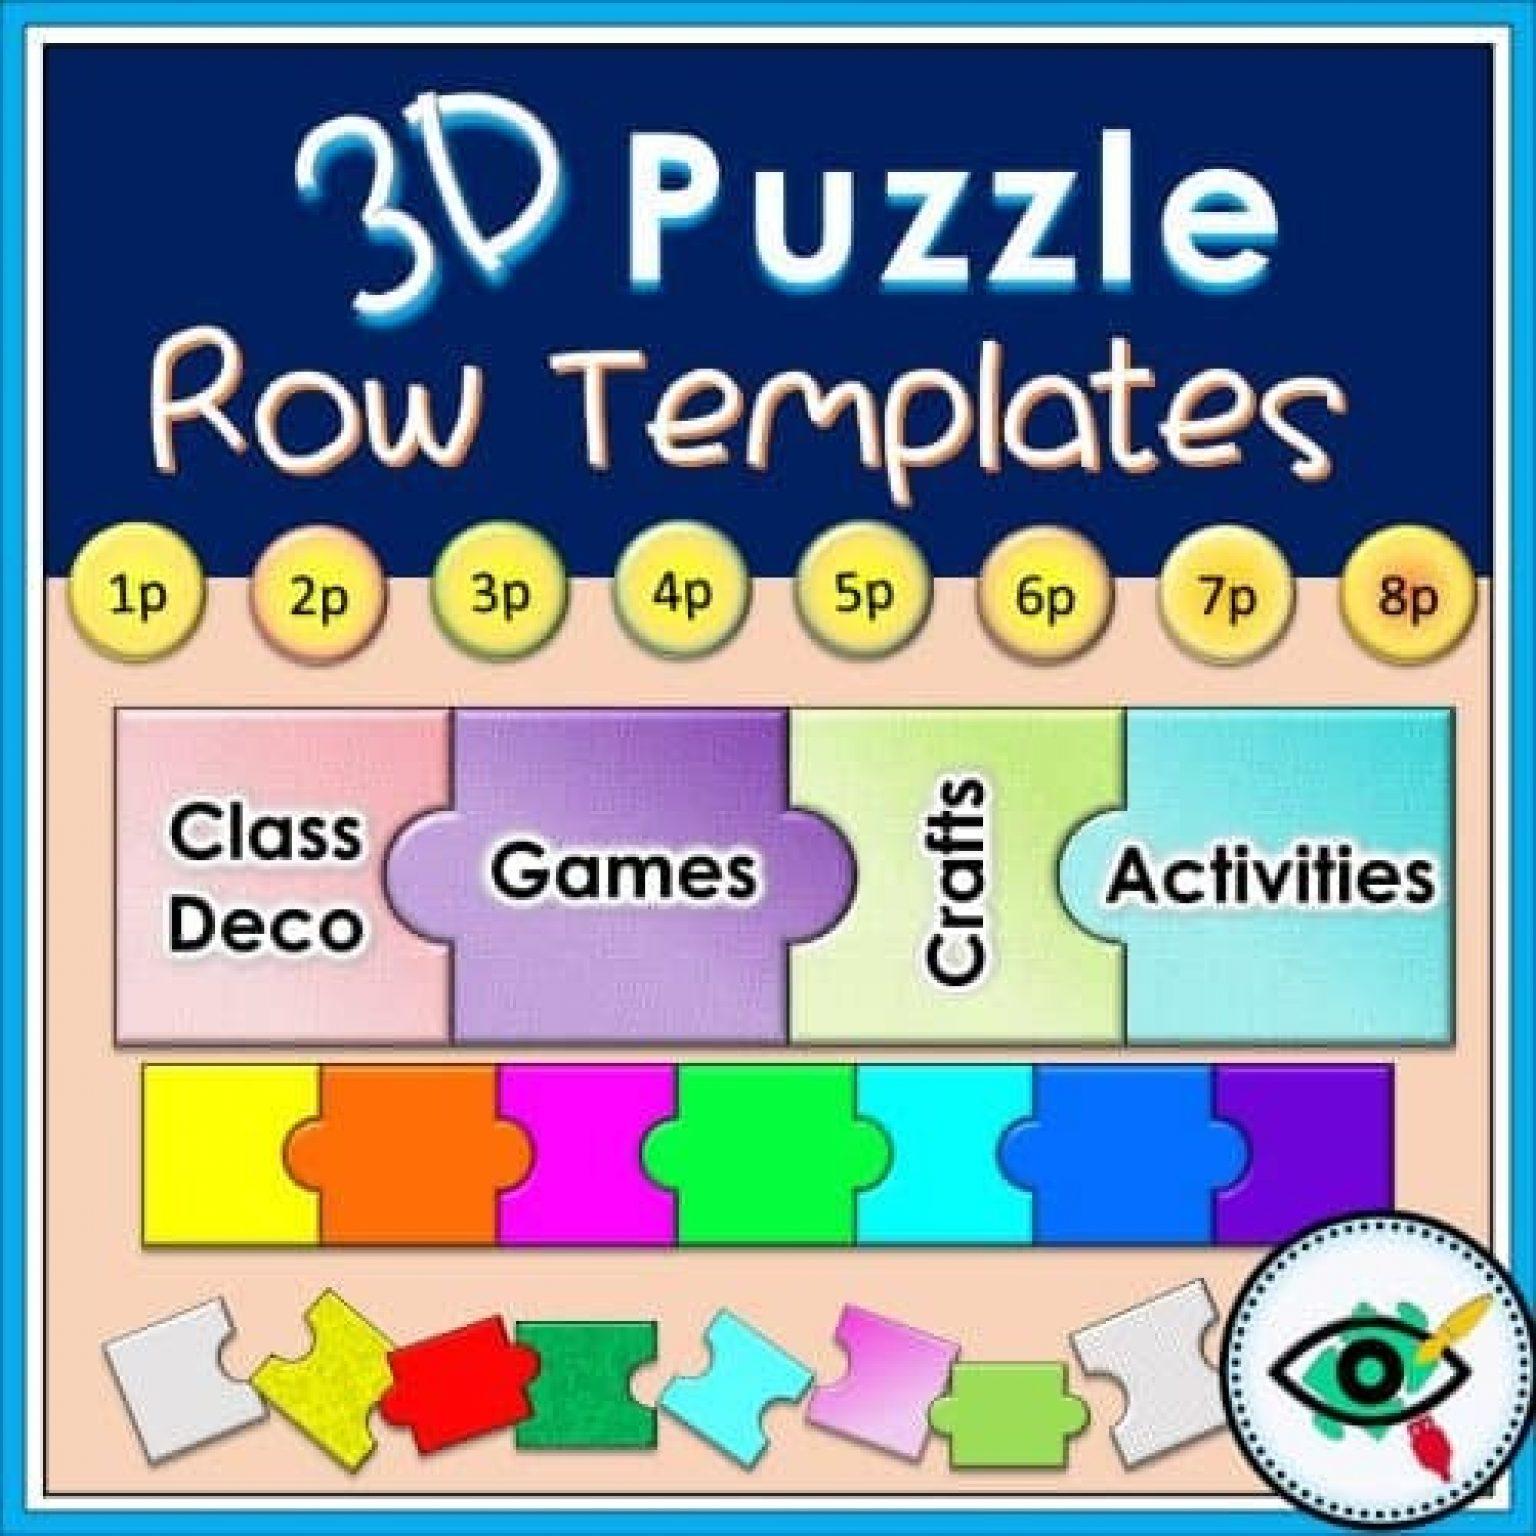 3d-puzzle-row-templates-title